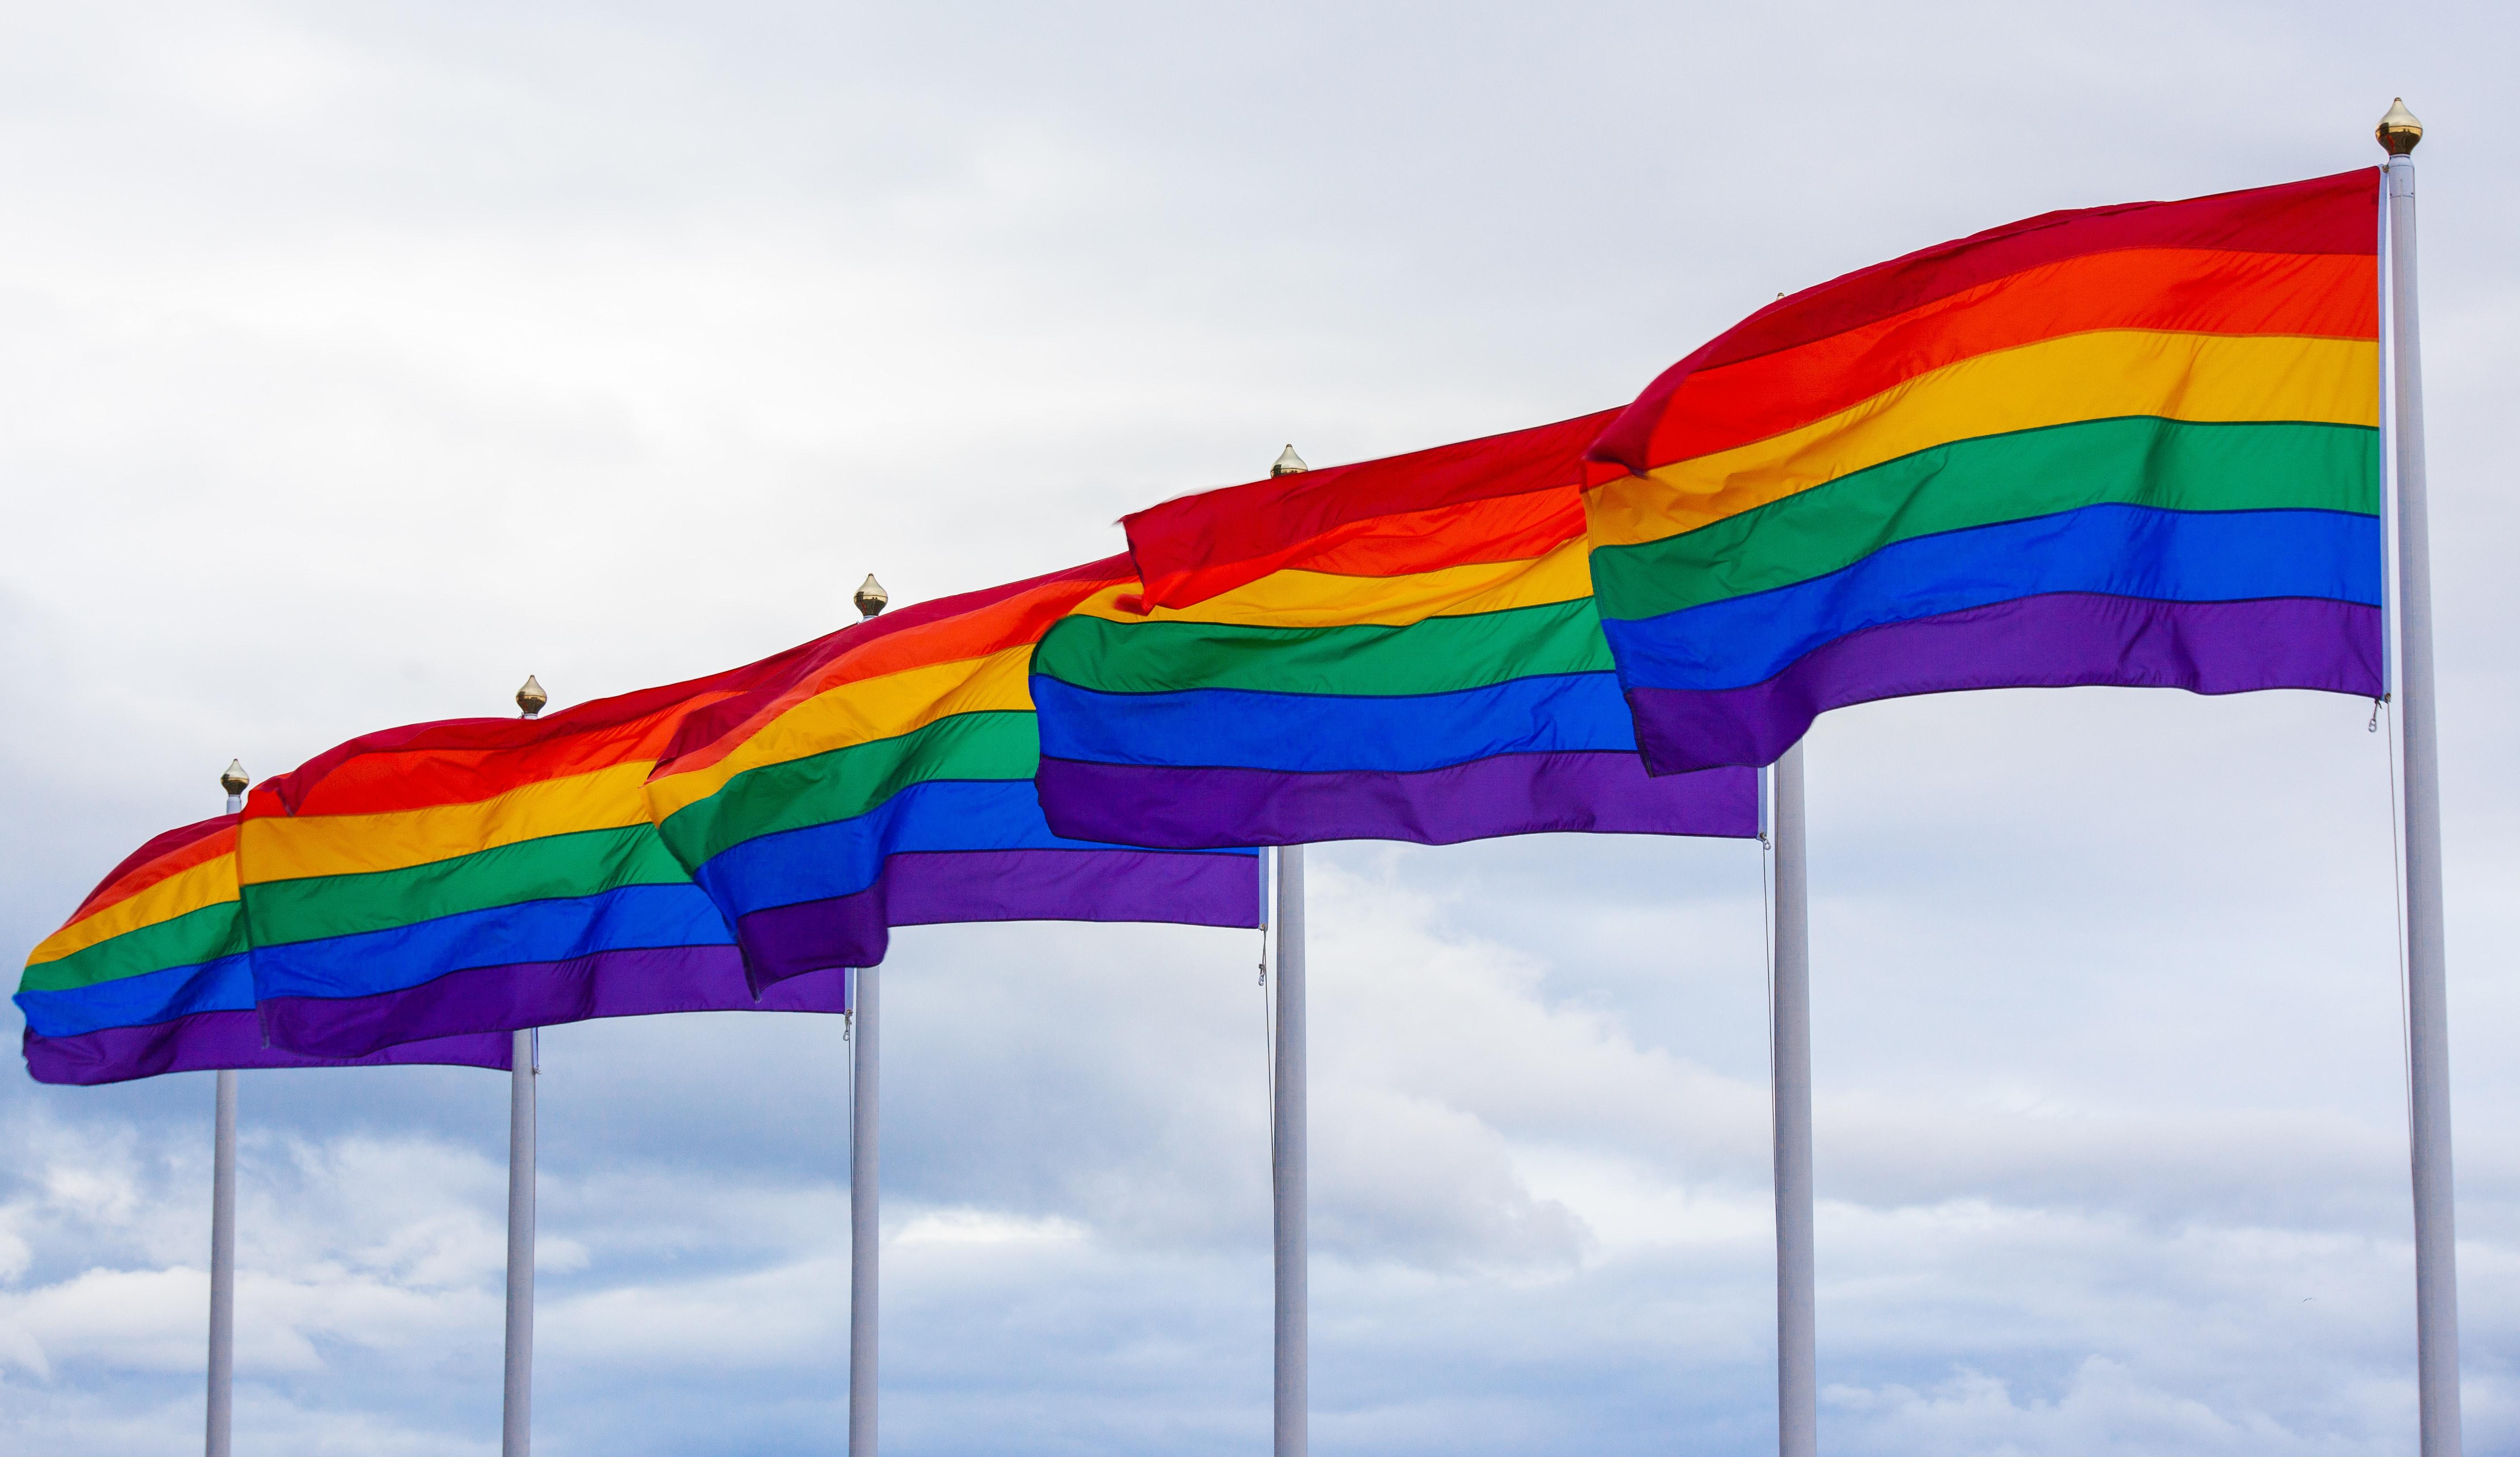 17 maja Światowym Dniem Przeciw Homofobii, Transobii i Bifobii.